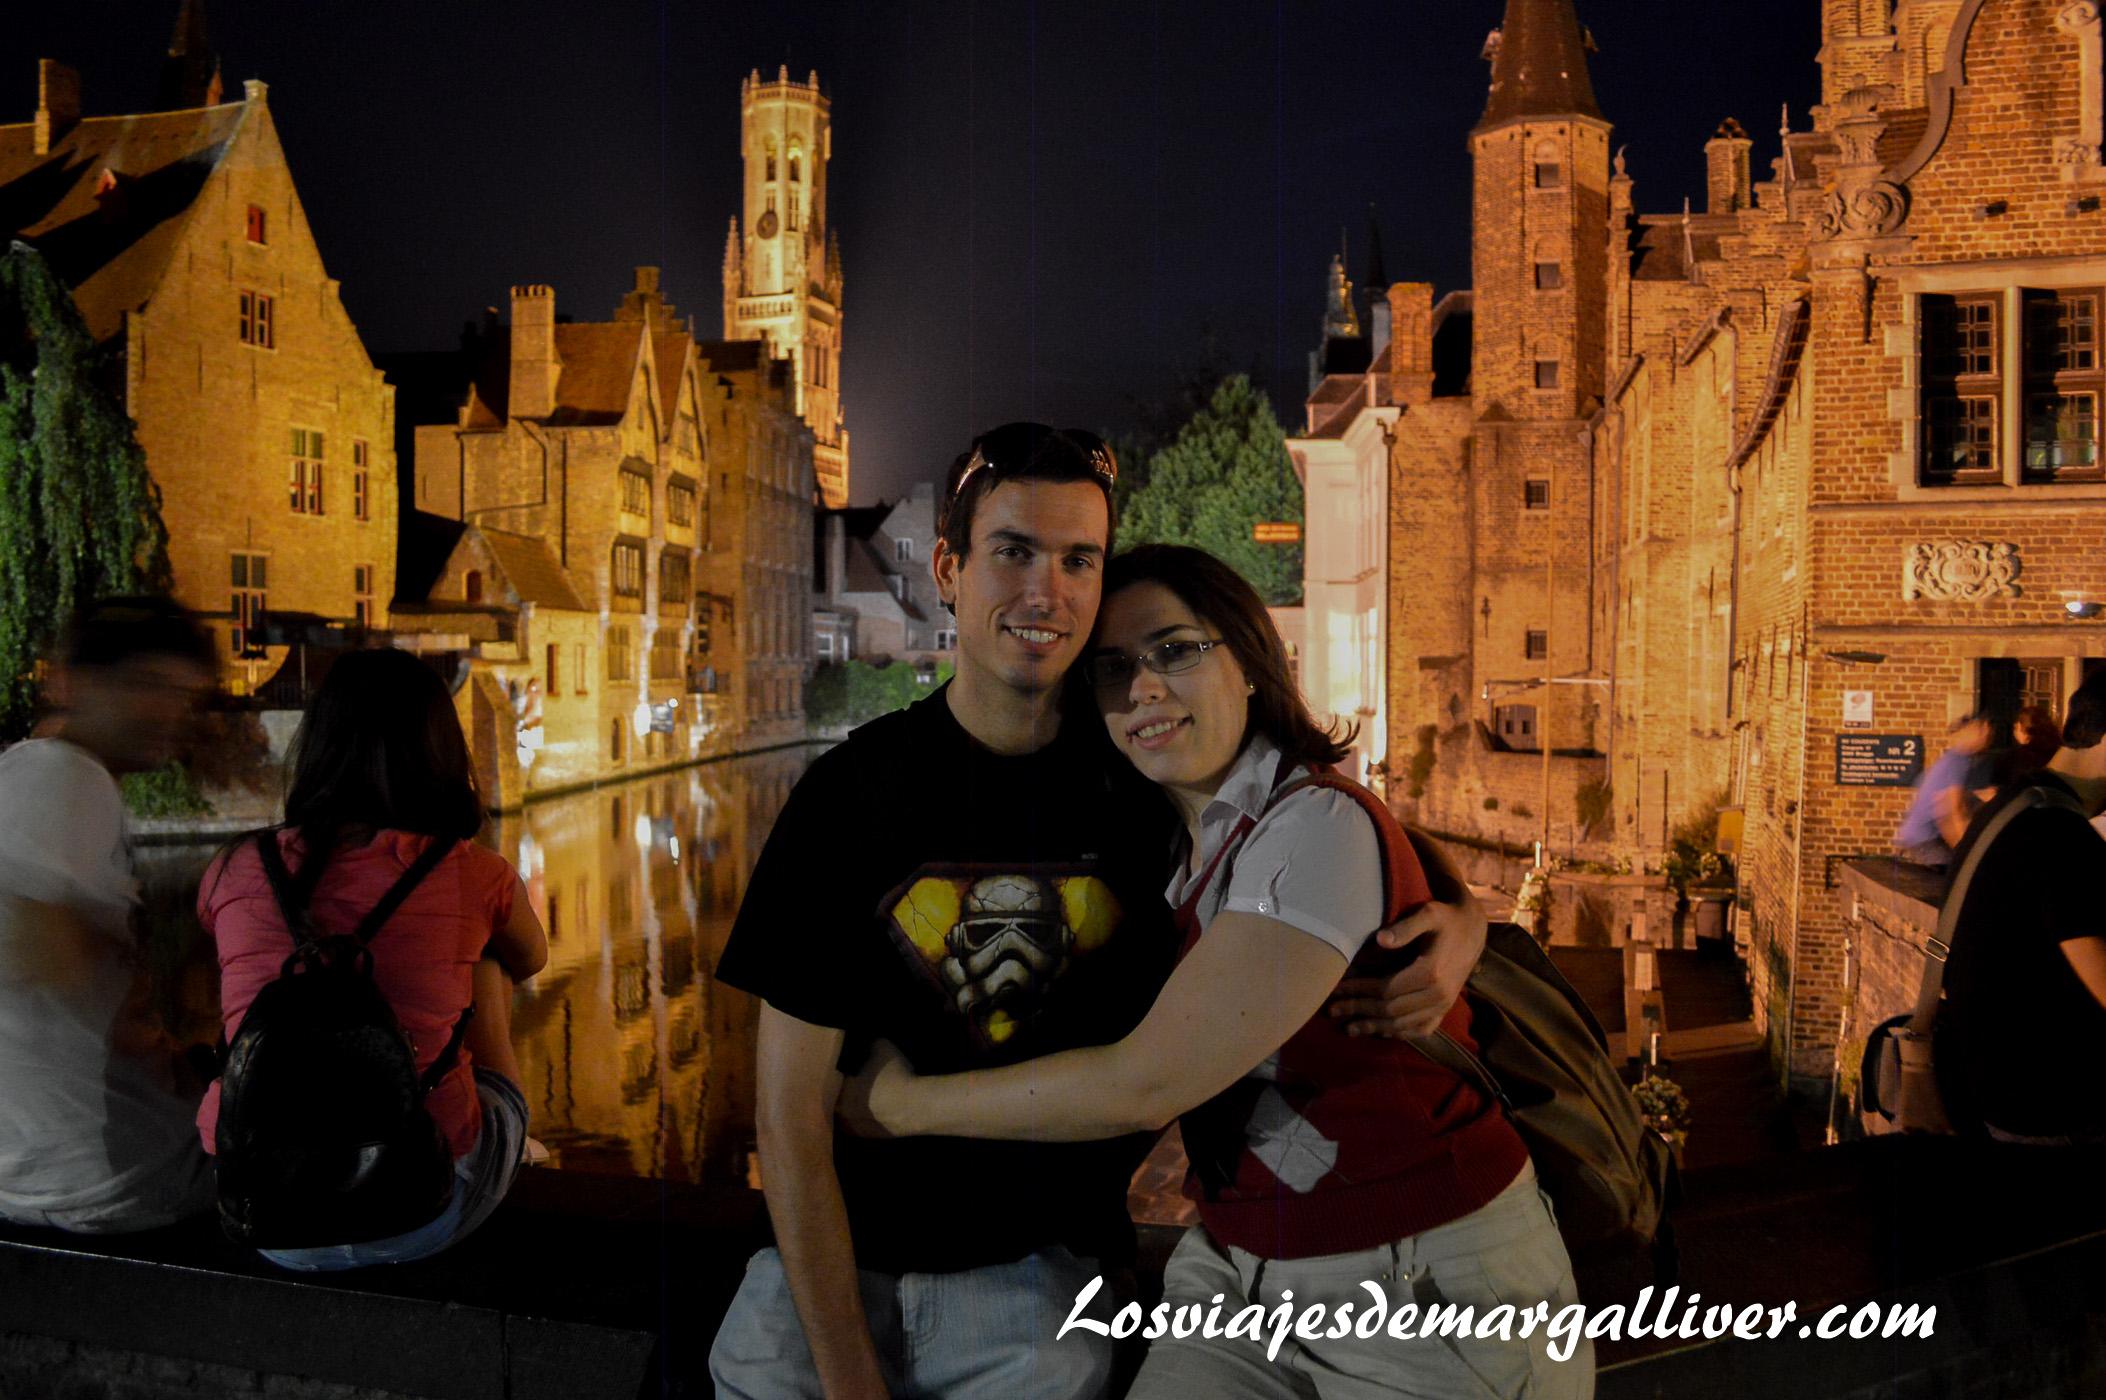 rincón romantico de Brujas , 7 viajes románticos para San Valentín - Los viajes de Margalliver